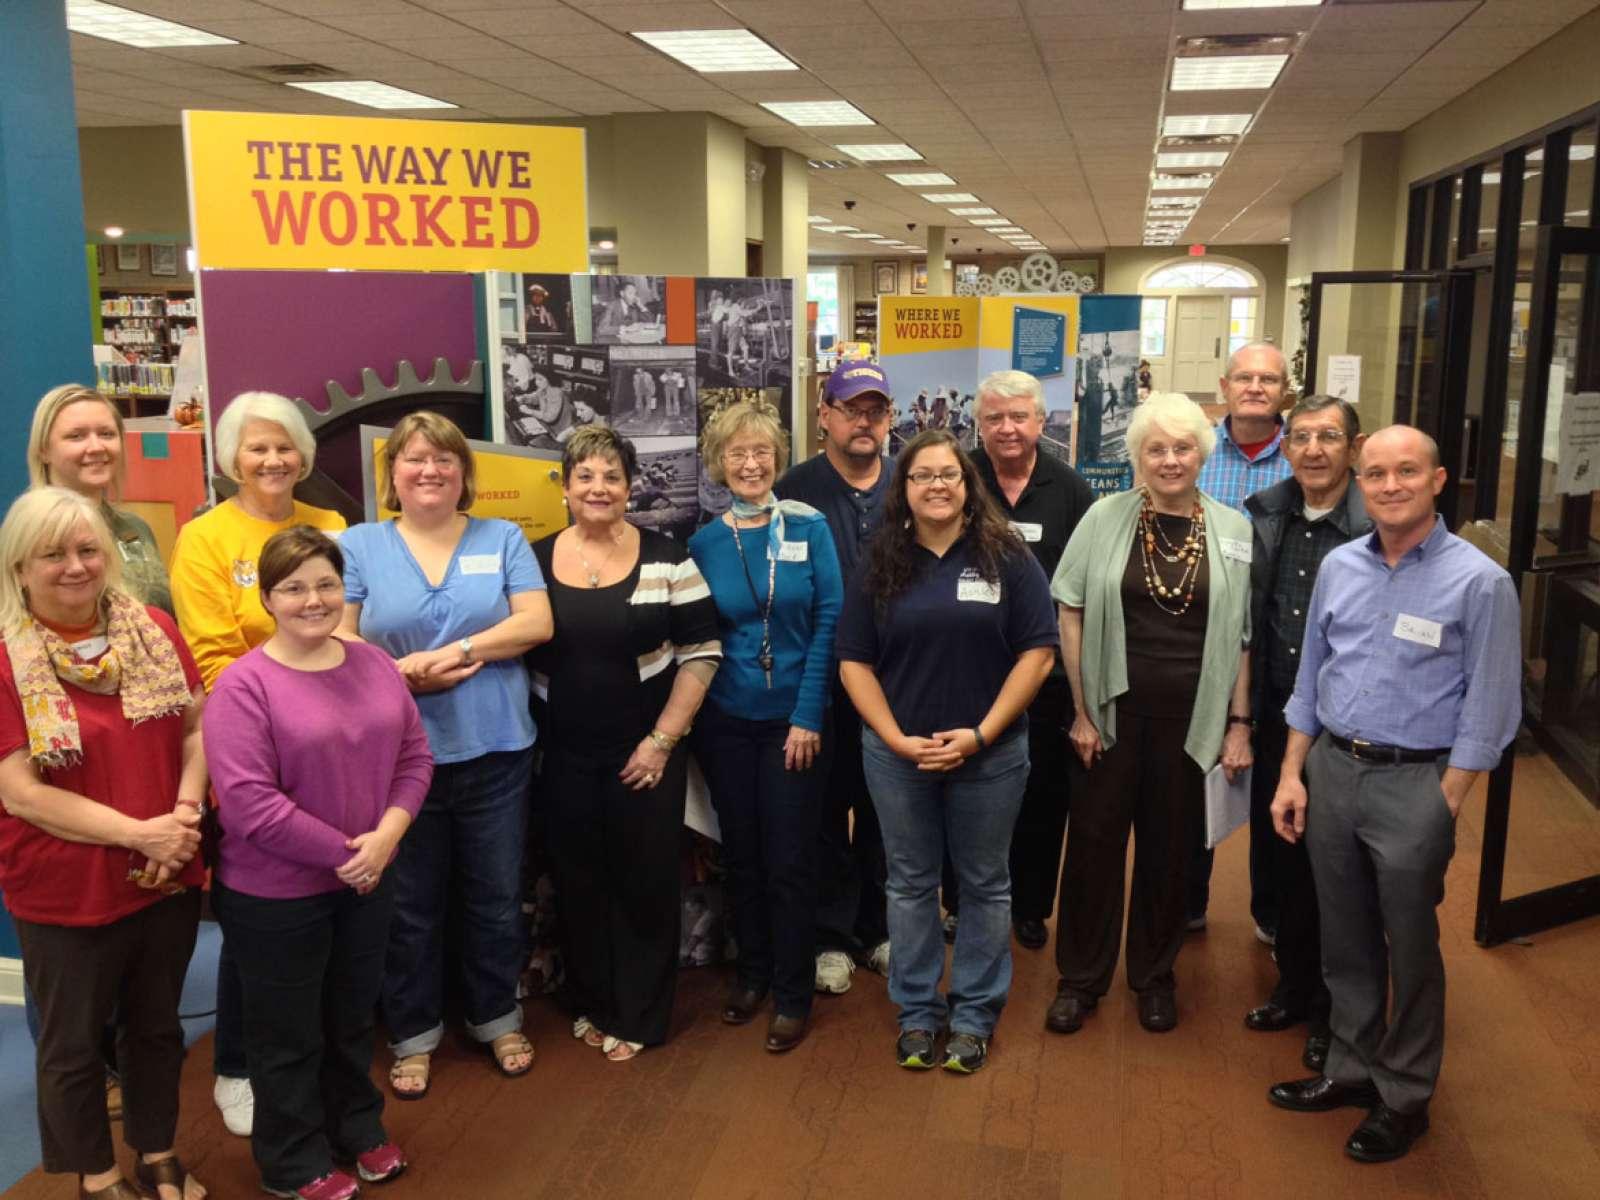 The Way We Worked: Jonesboro, Louisiana 2013